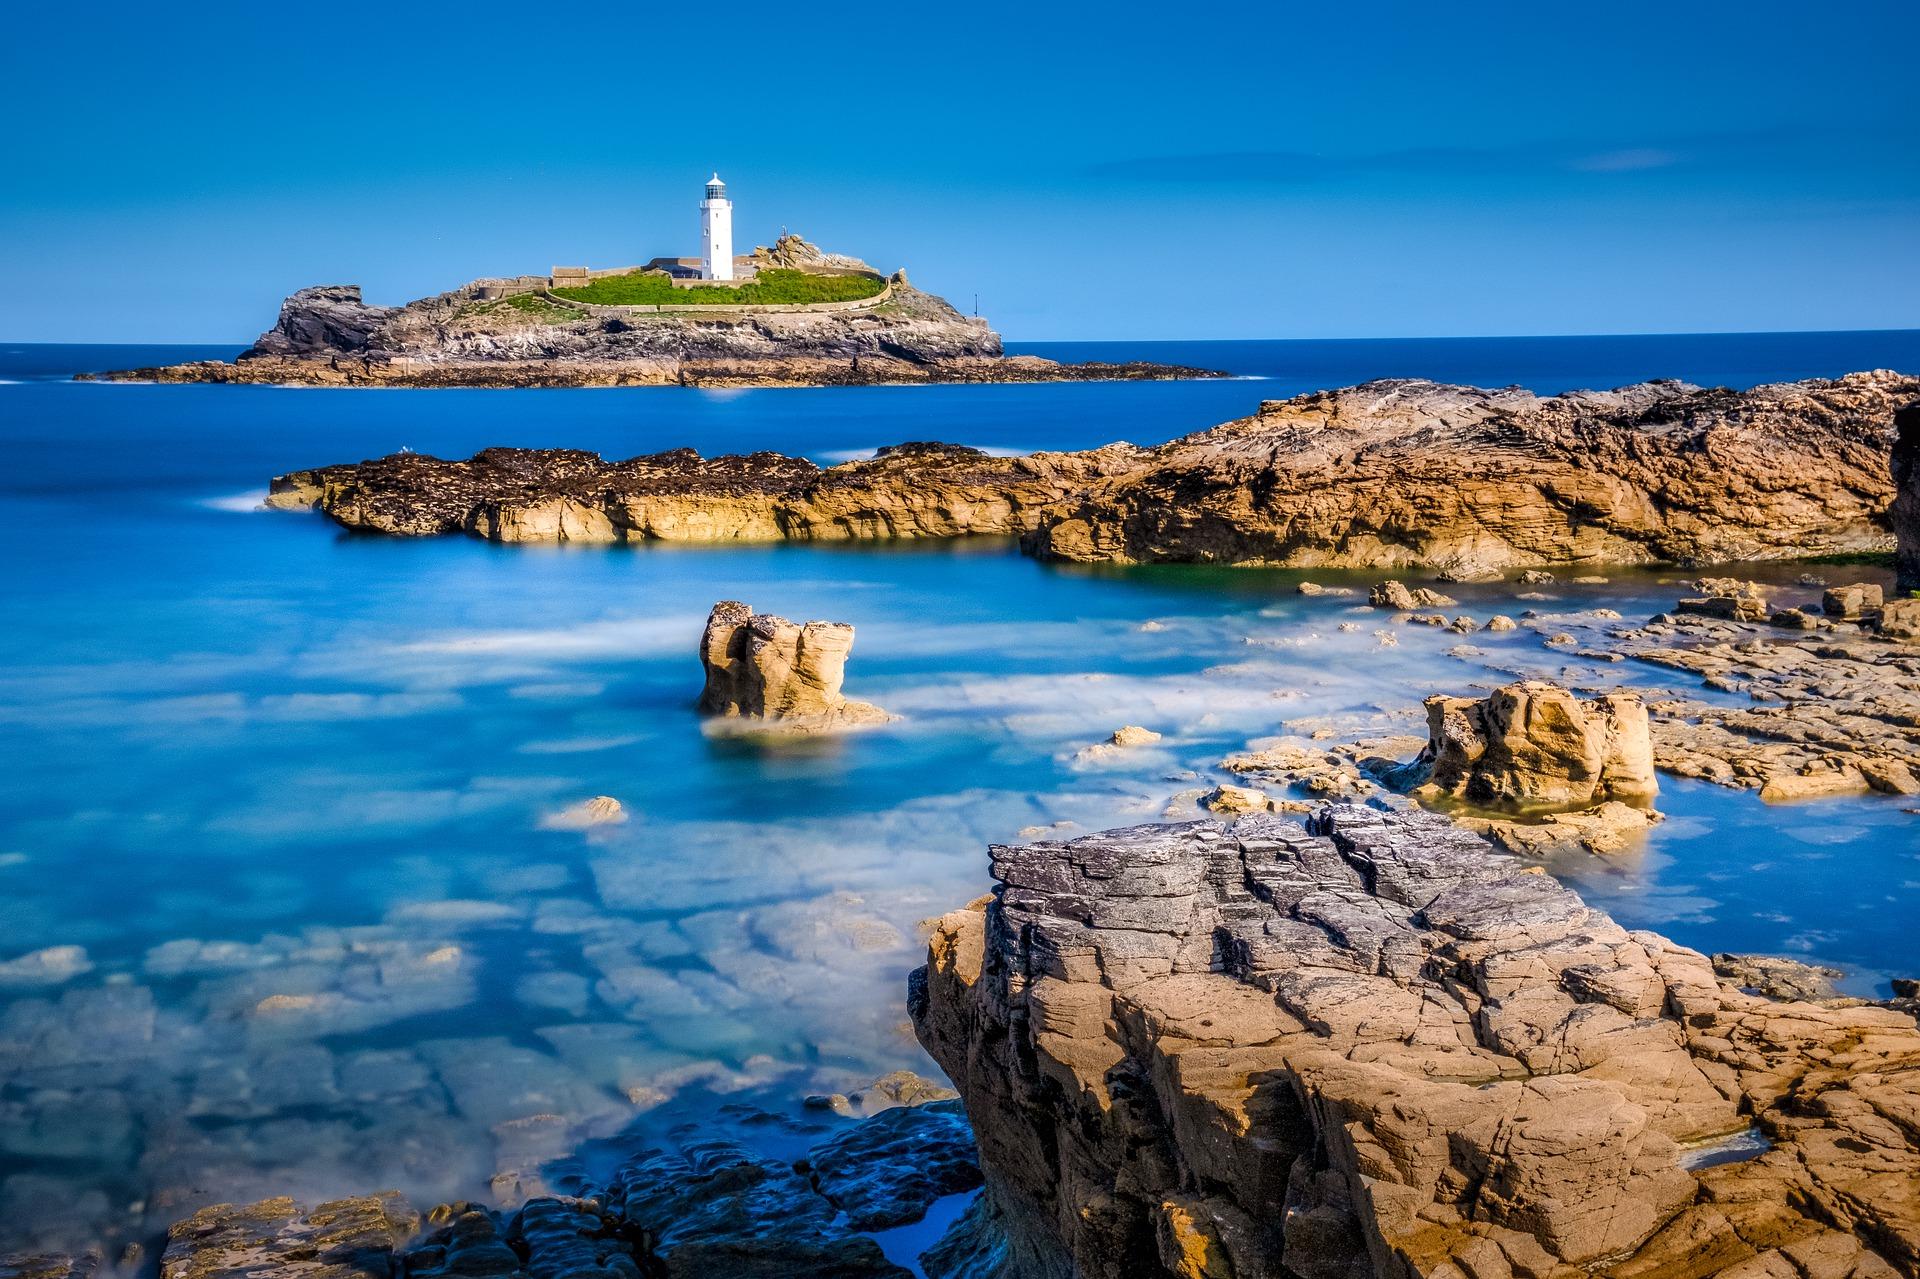 Leuchtturm vor Meereshintergrund